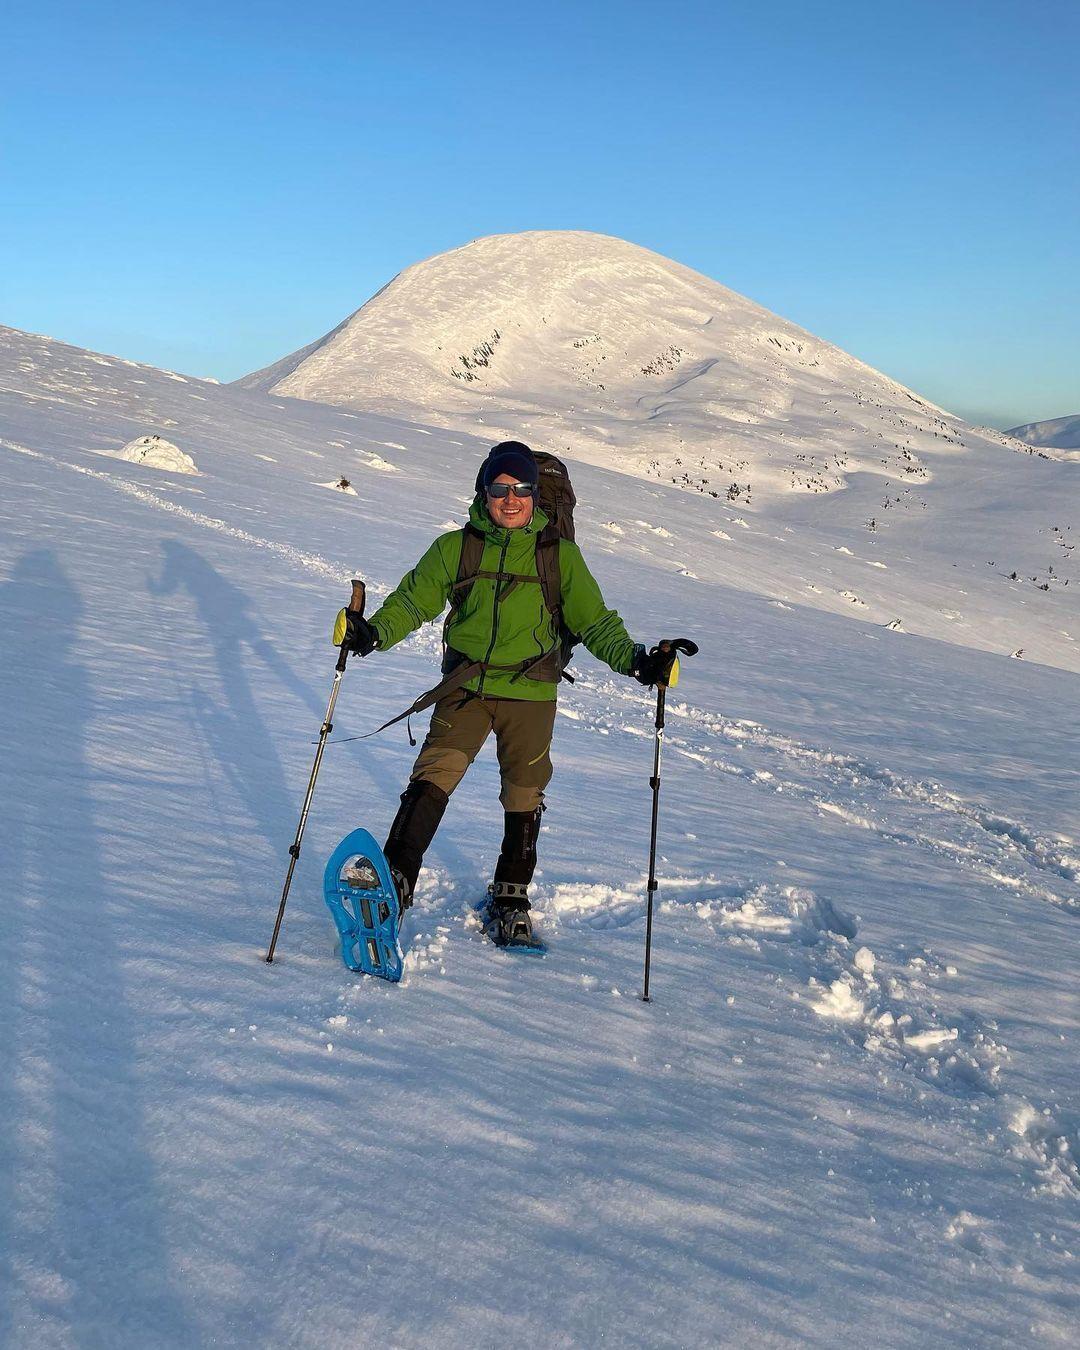 Педан підкорює гори